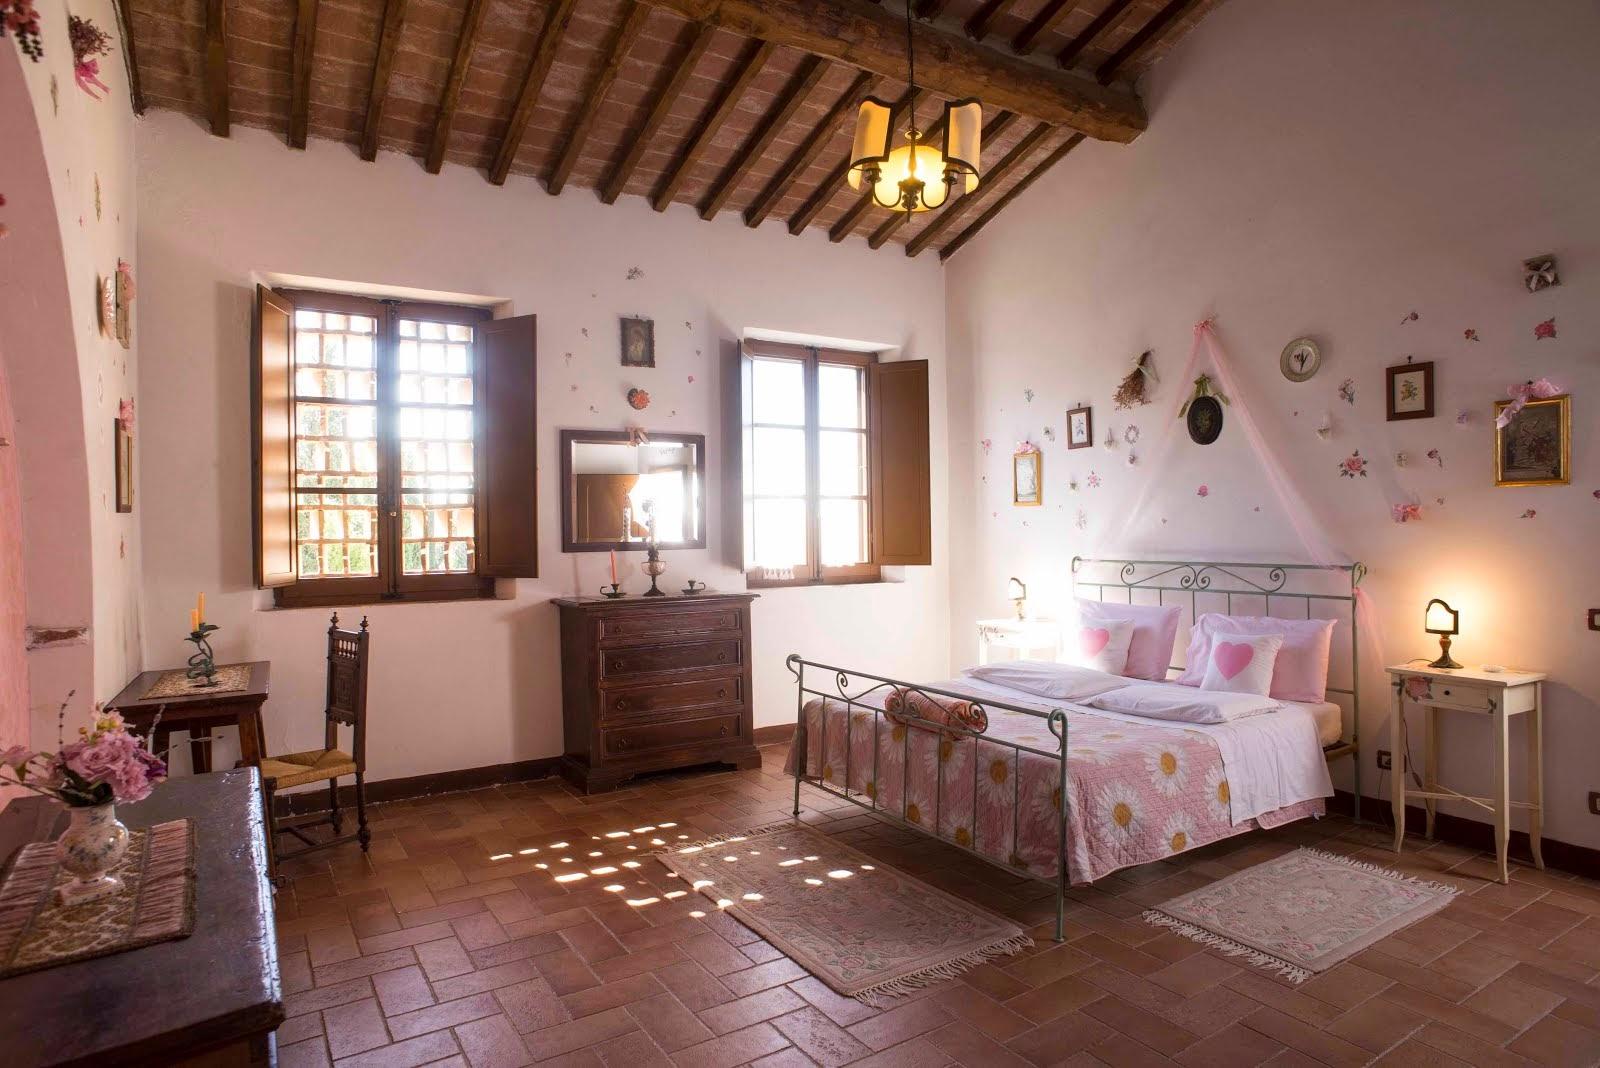 foto camera appartamenti agriturismo Aia Vecchia di Montalceto